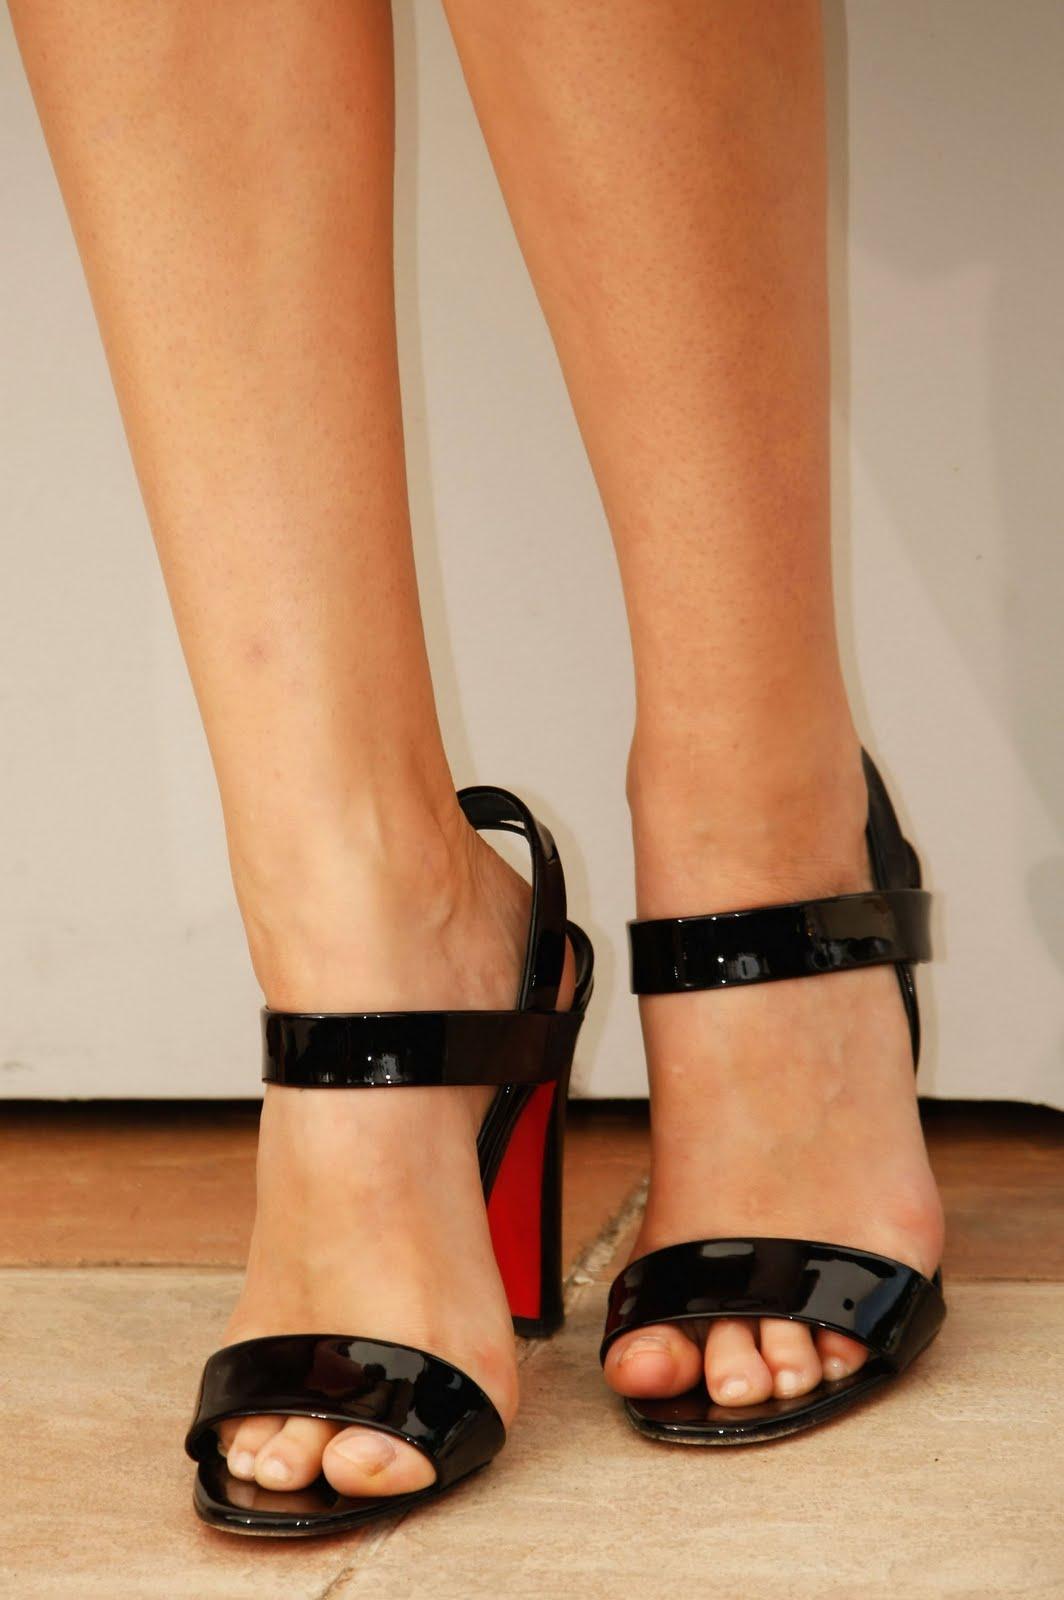 http://2.bp.blogspot.com/_UaLWp72nij4/S_Gf1iKQ7fI/AAAAAAAALcg/XpjR9-RWoOI/s1600/laetitia-casta-feet.jpg